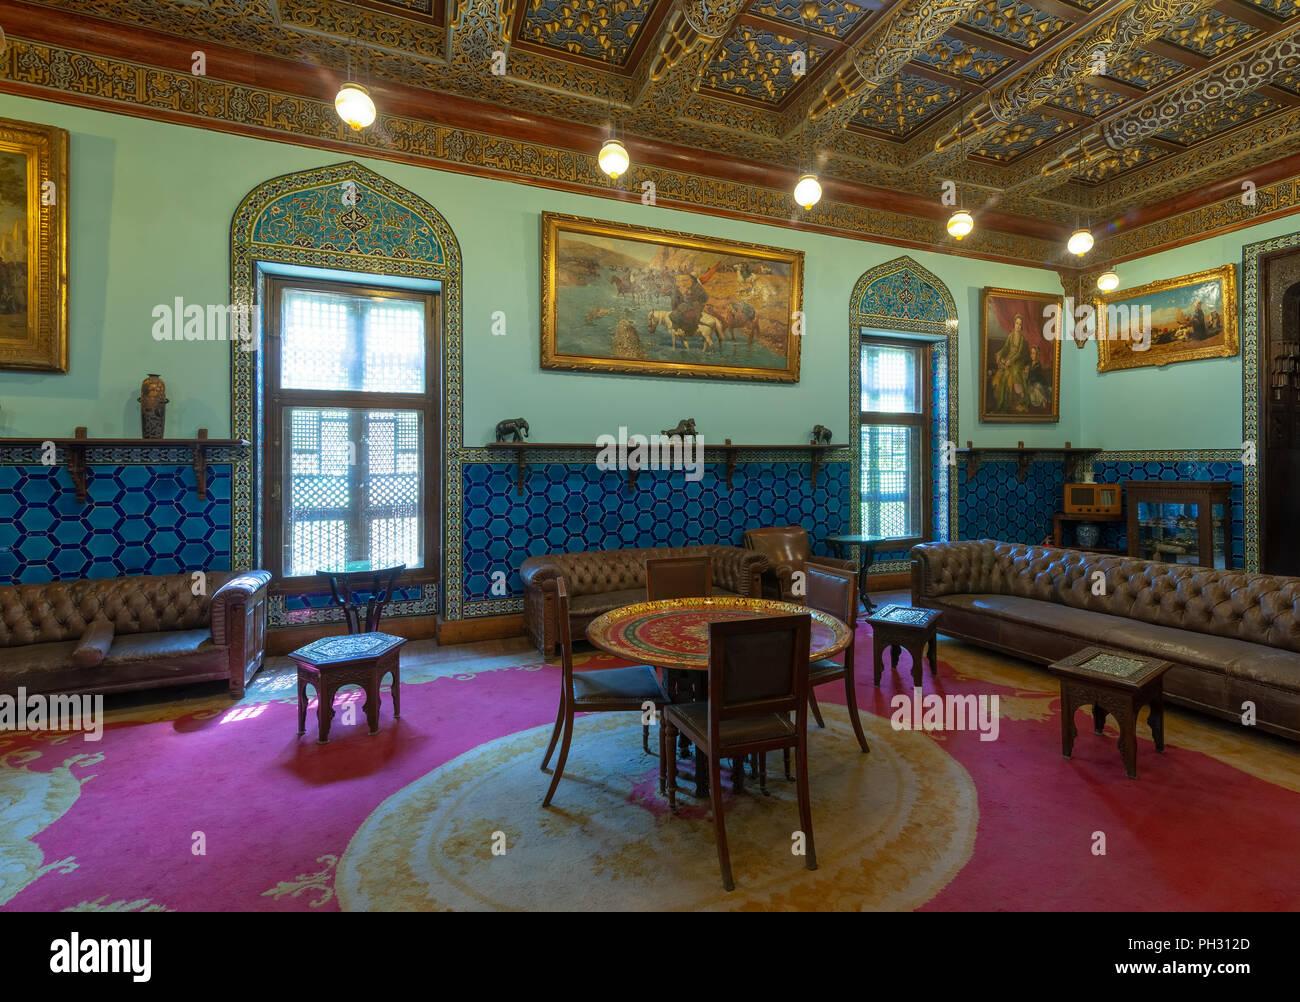 Manial palazzo del principe mohammed ali. un soggiorno presso il